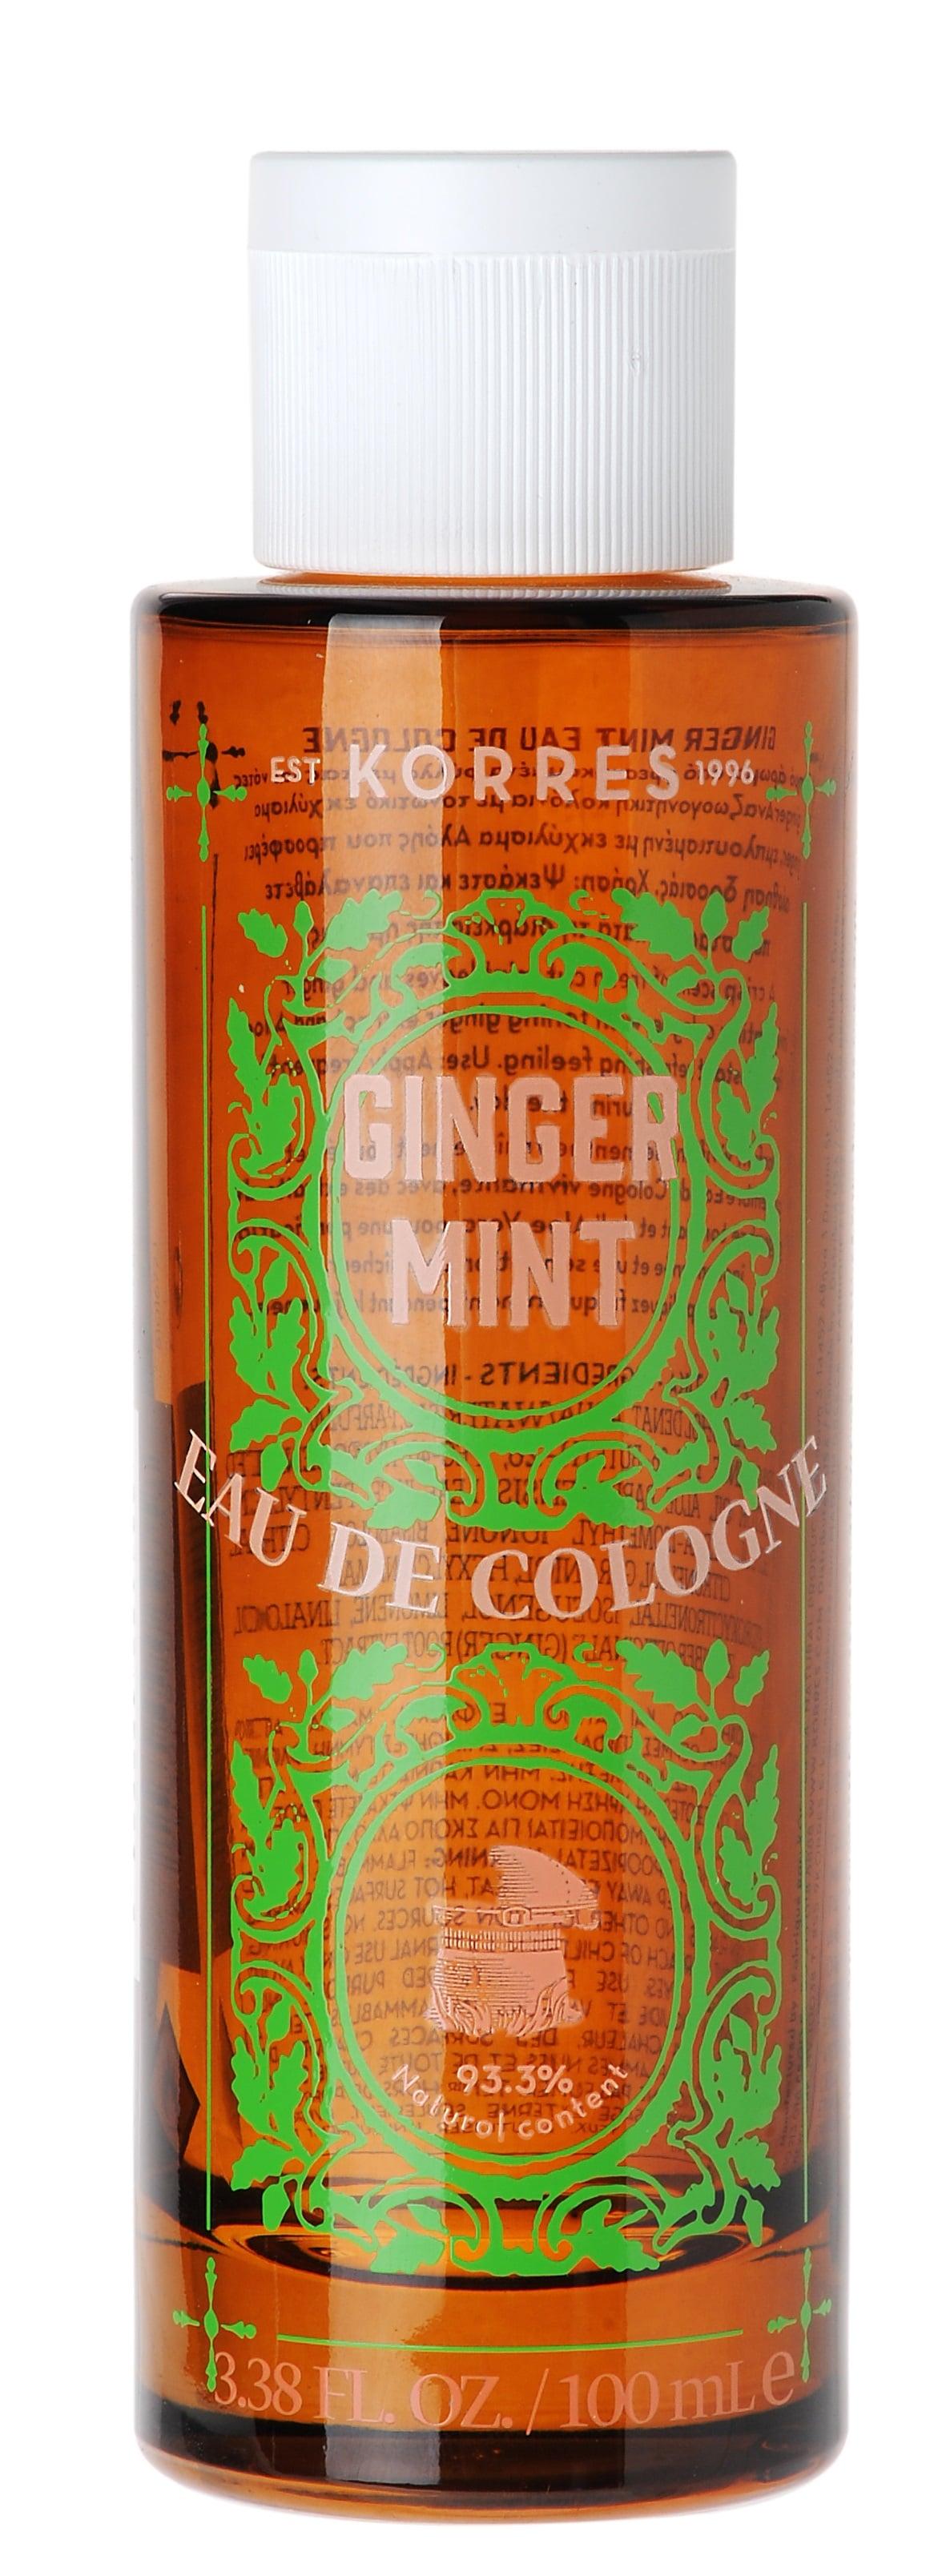 Korres Eau De Cologne Ginger Mint Ζωηρή Κολόνια με άρωμα από φρεσκοκομμένα φύλλα μέντας & νότες ginger, 100ml